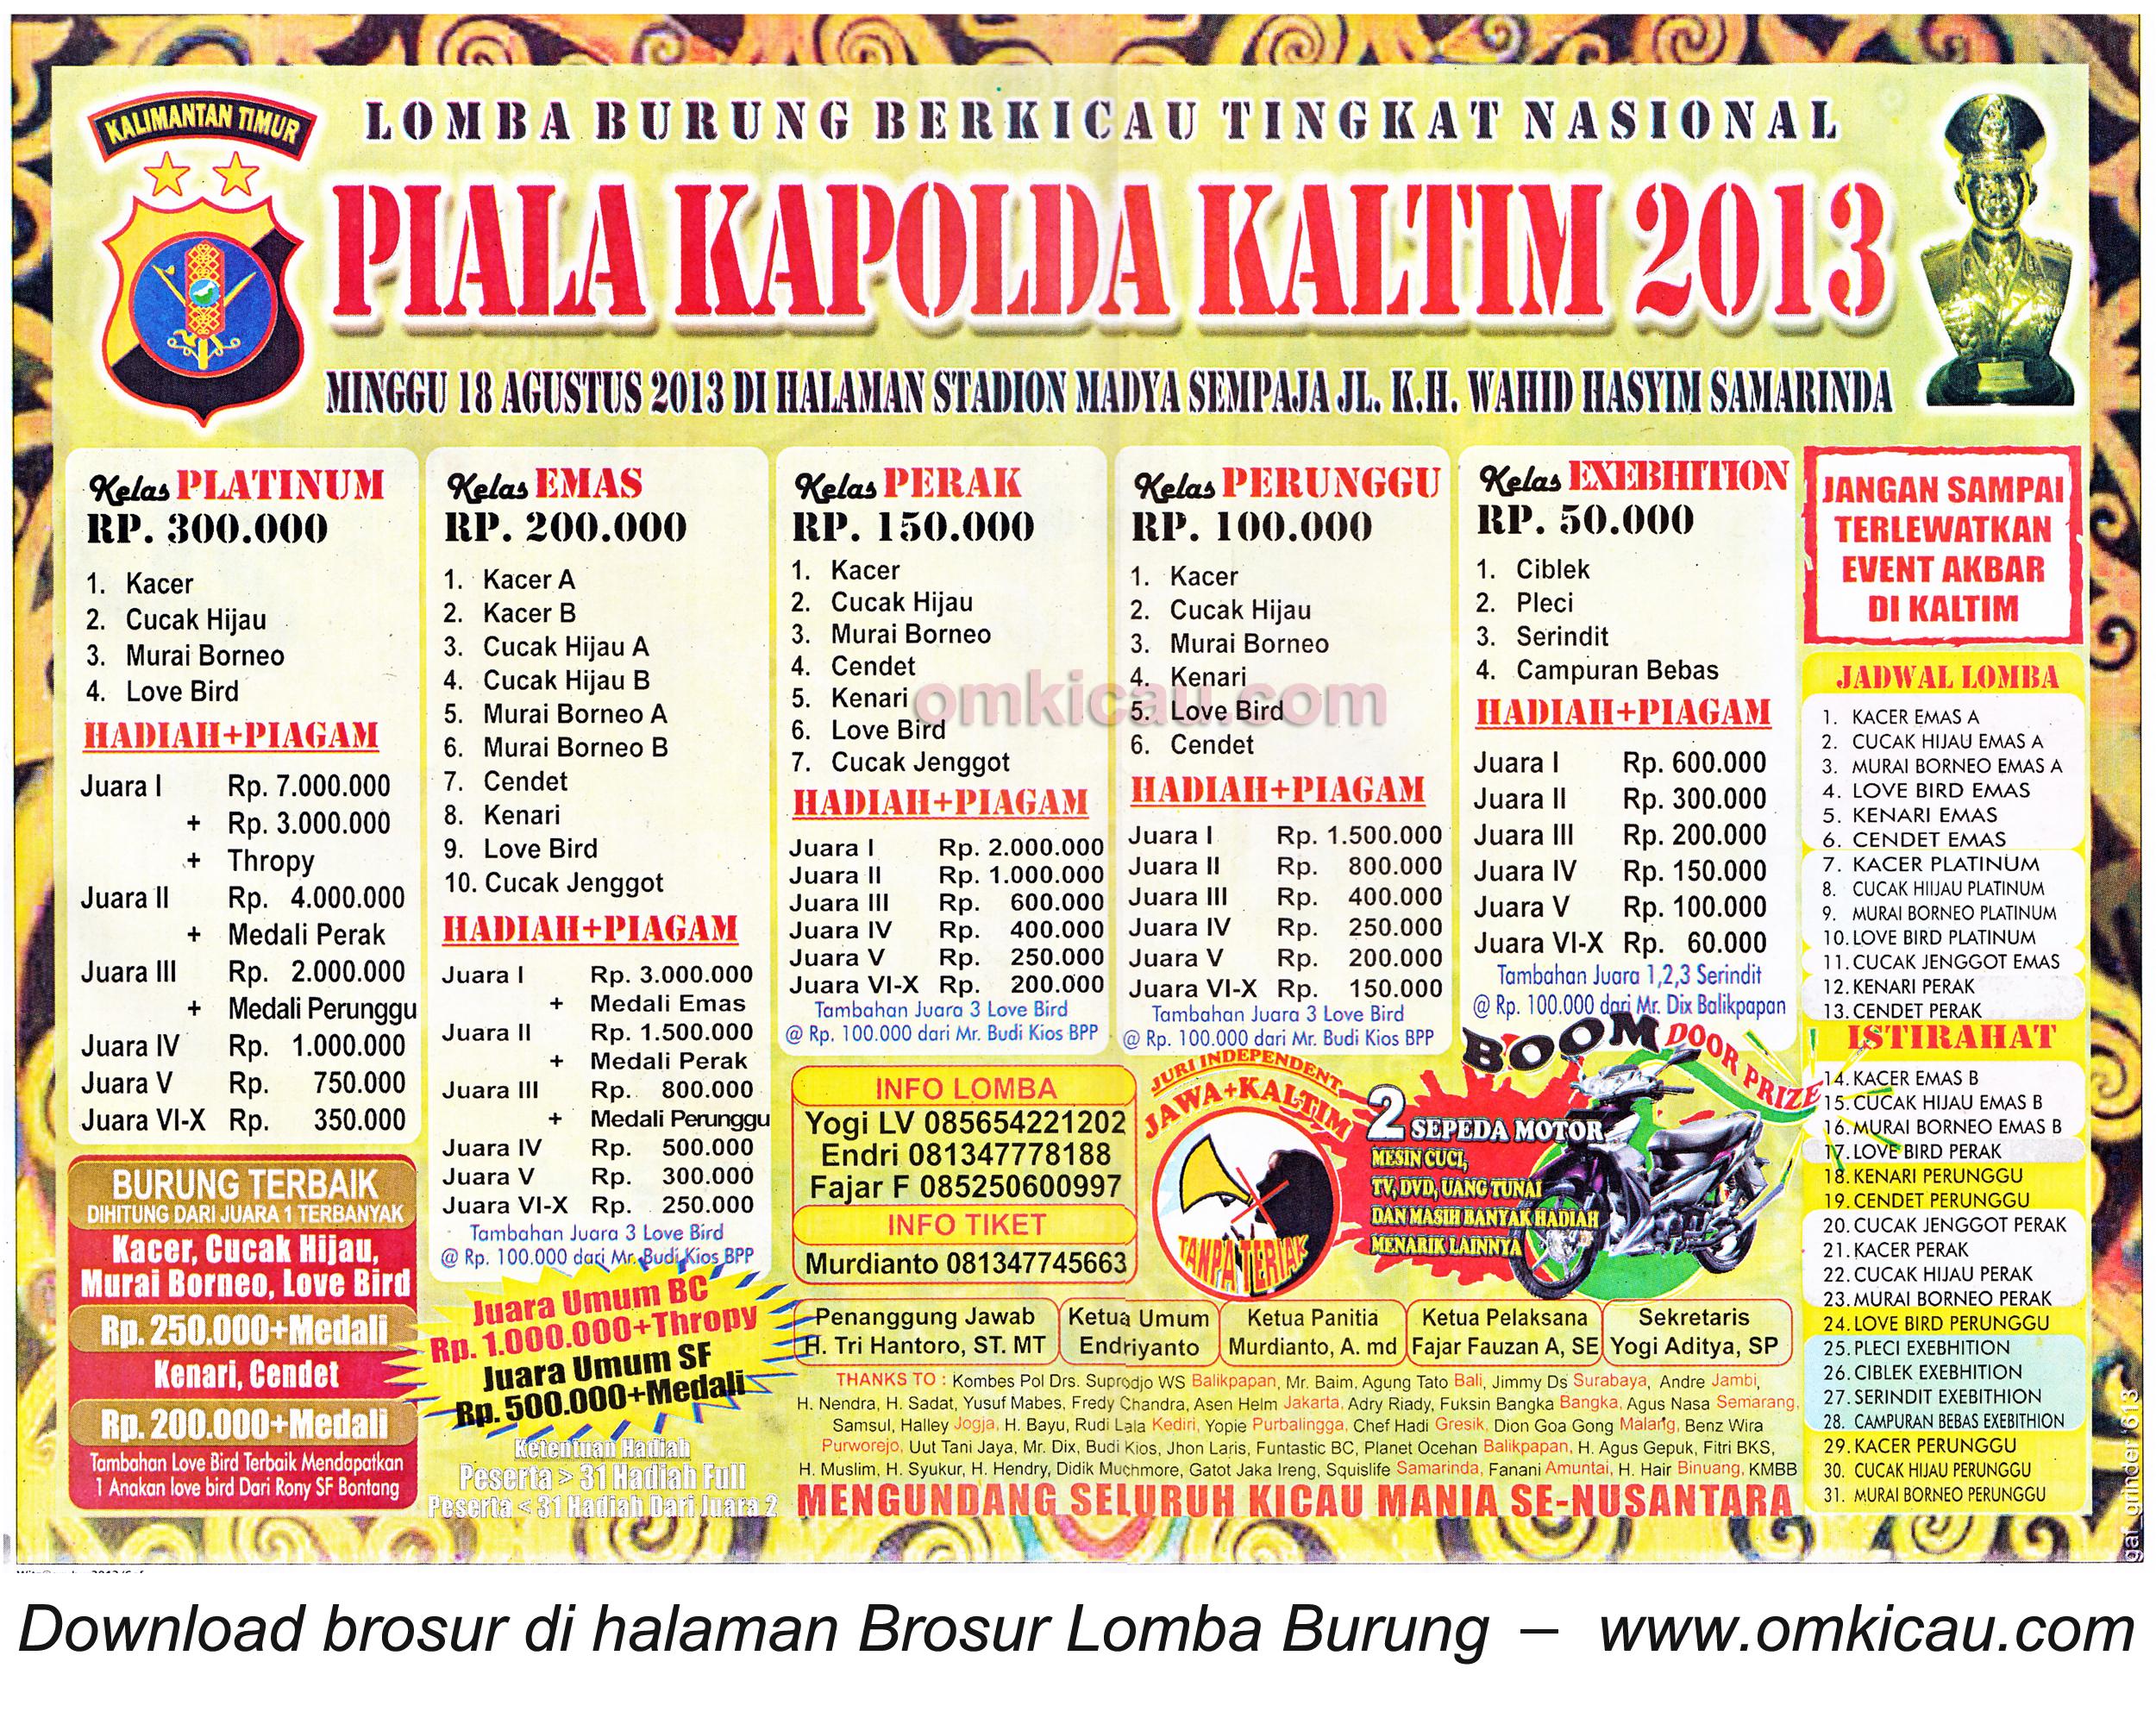 Brosur Lomba Burung Piala Kapolda Kaltim 18 Agustus 2013